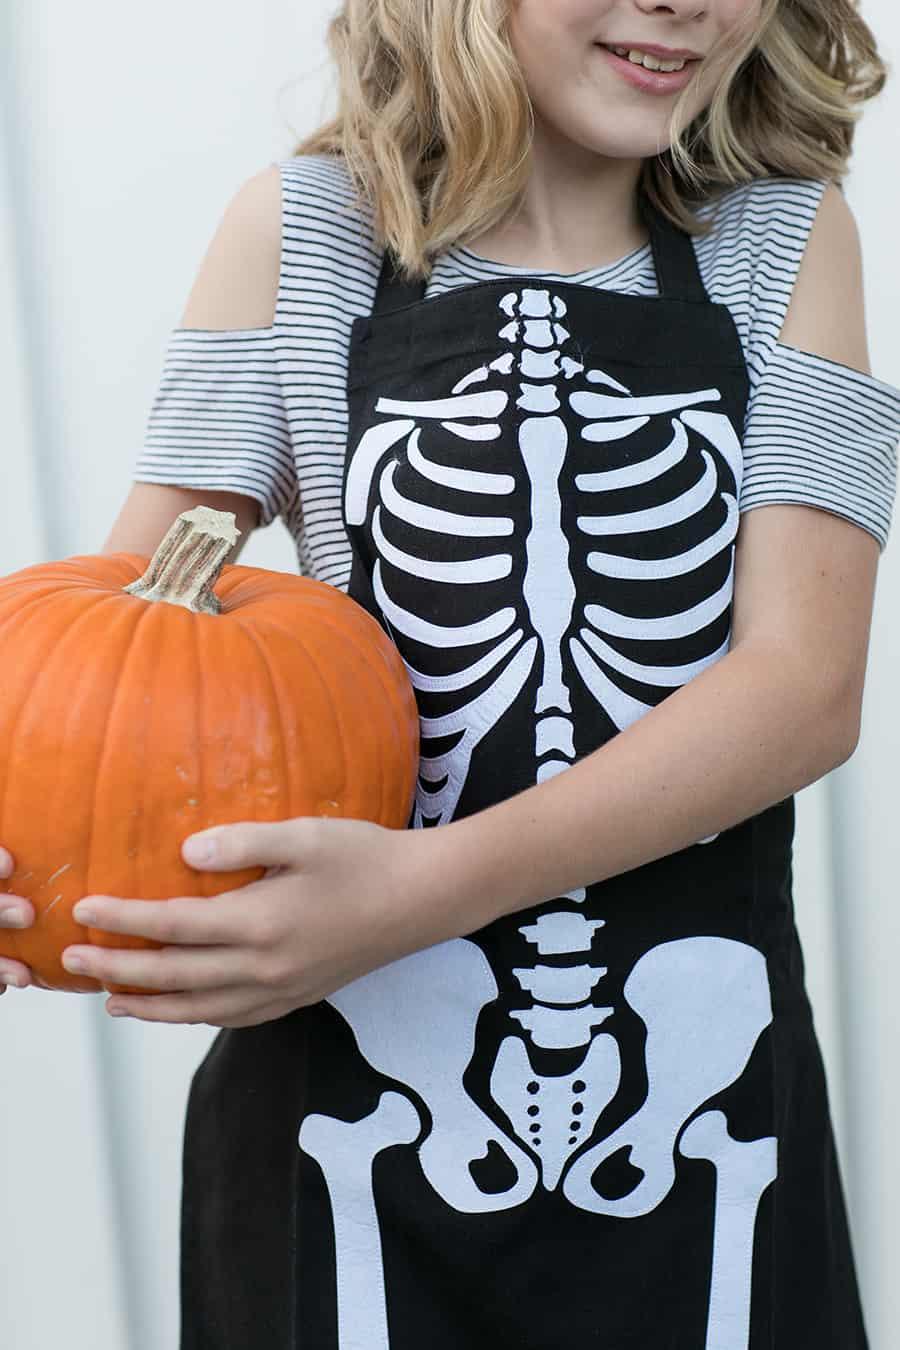 shot of child holding a pumpkin